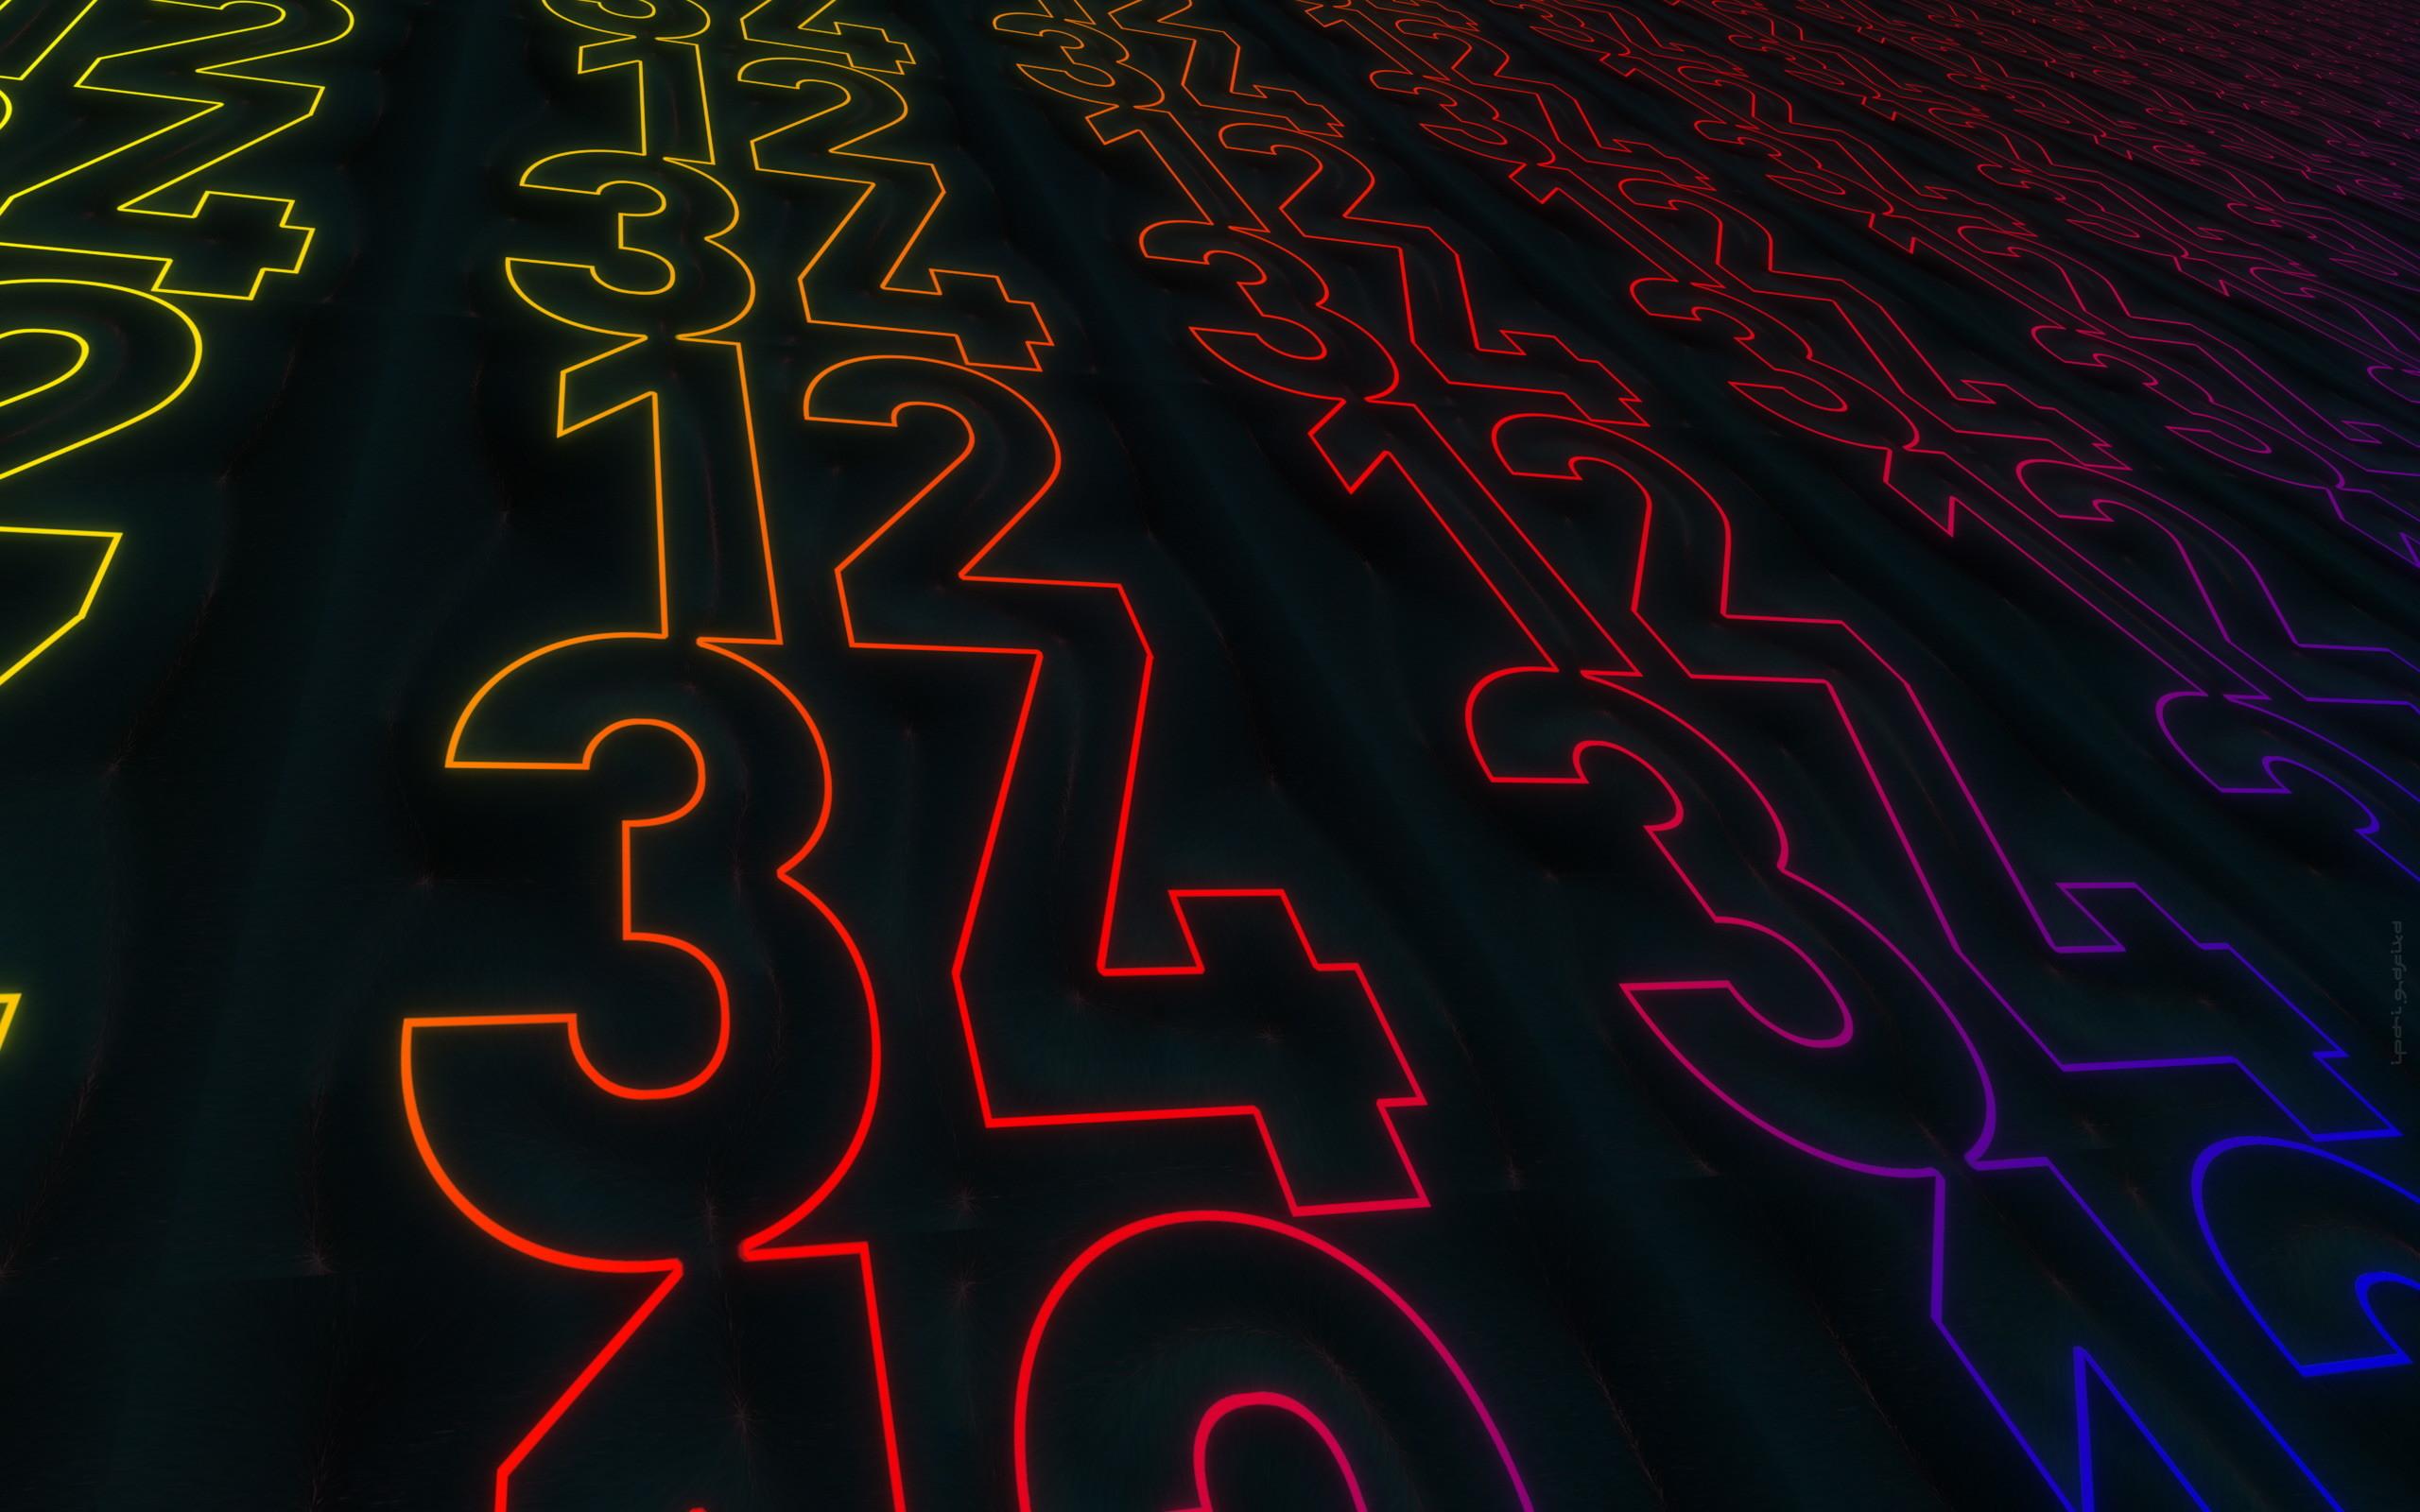 Download Wallpaper High Resolution Mathematics - 470383  Trends_663831.jpg